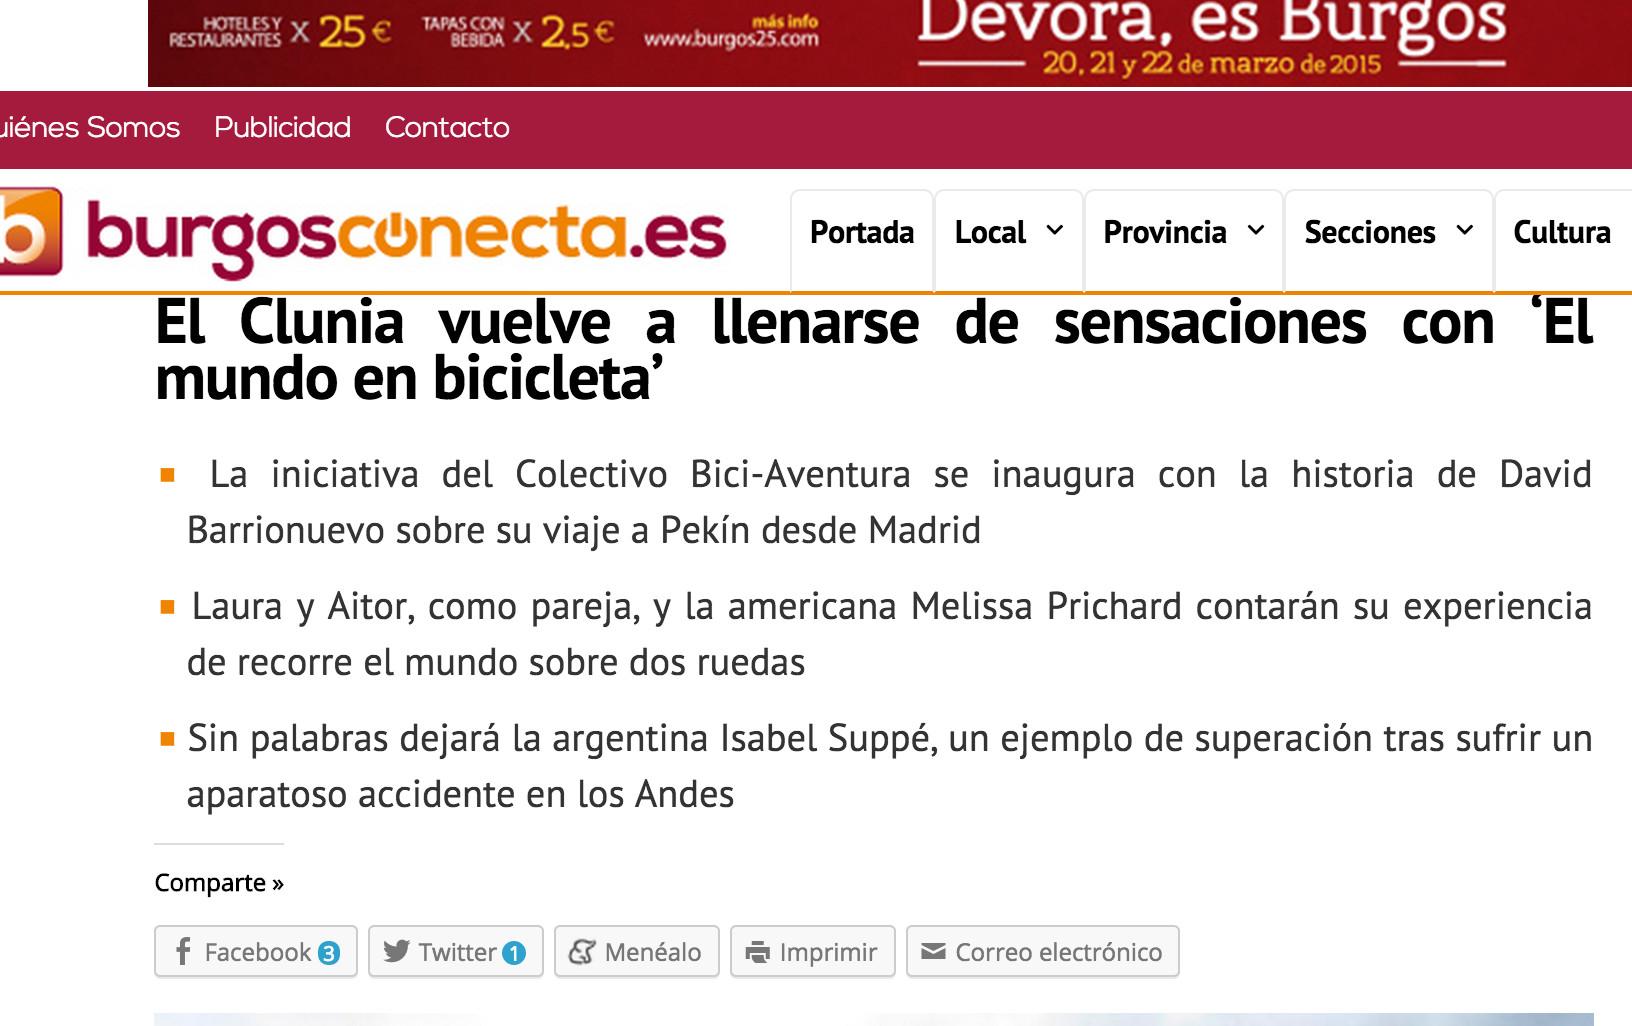 El Clunia vuelve a llenarse de sensaciones con El mundo en bicicleta Las noticias de Burgos según suceden BurgosConecta.es